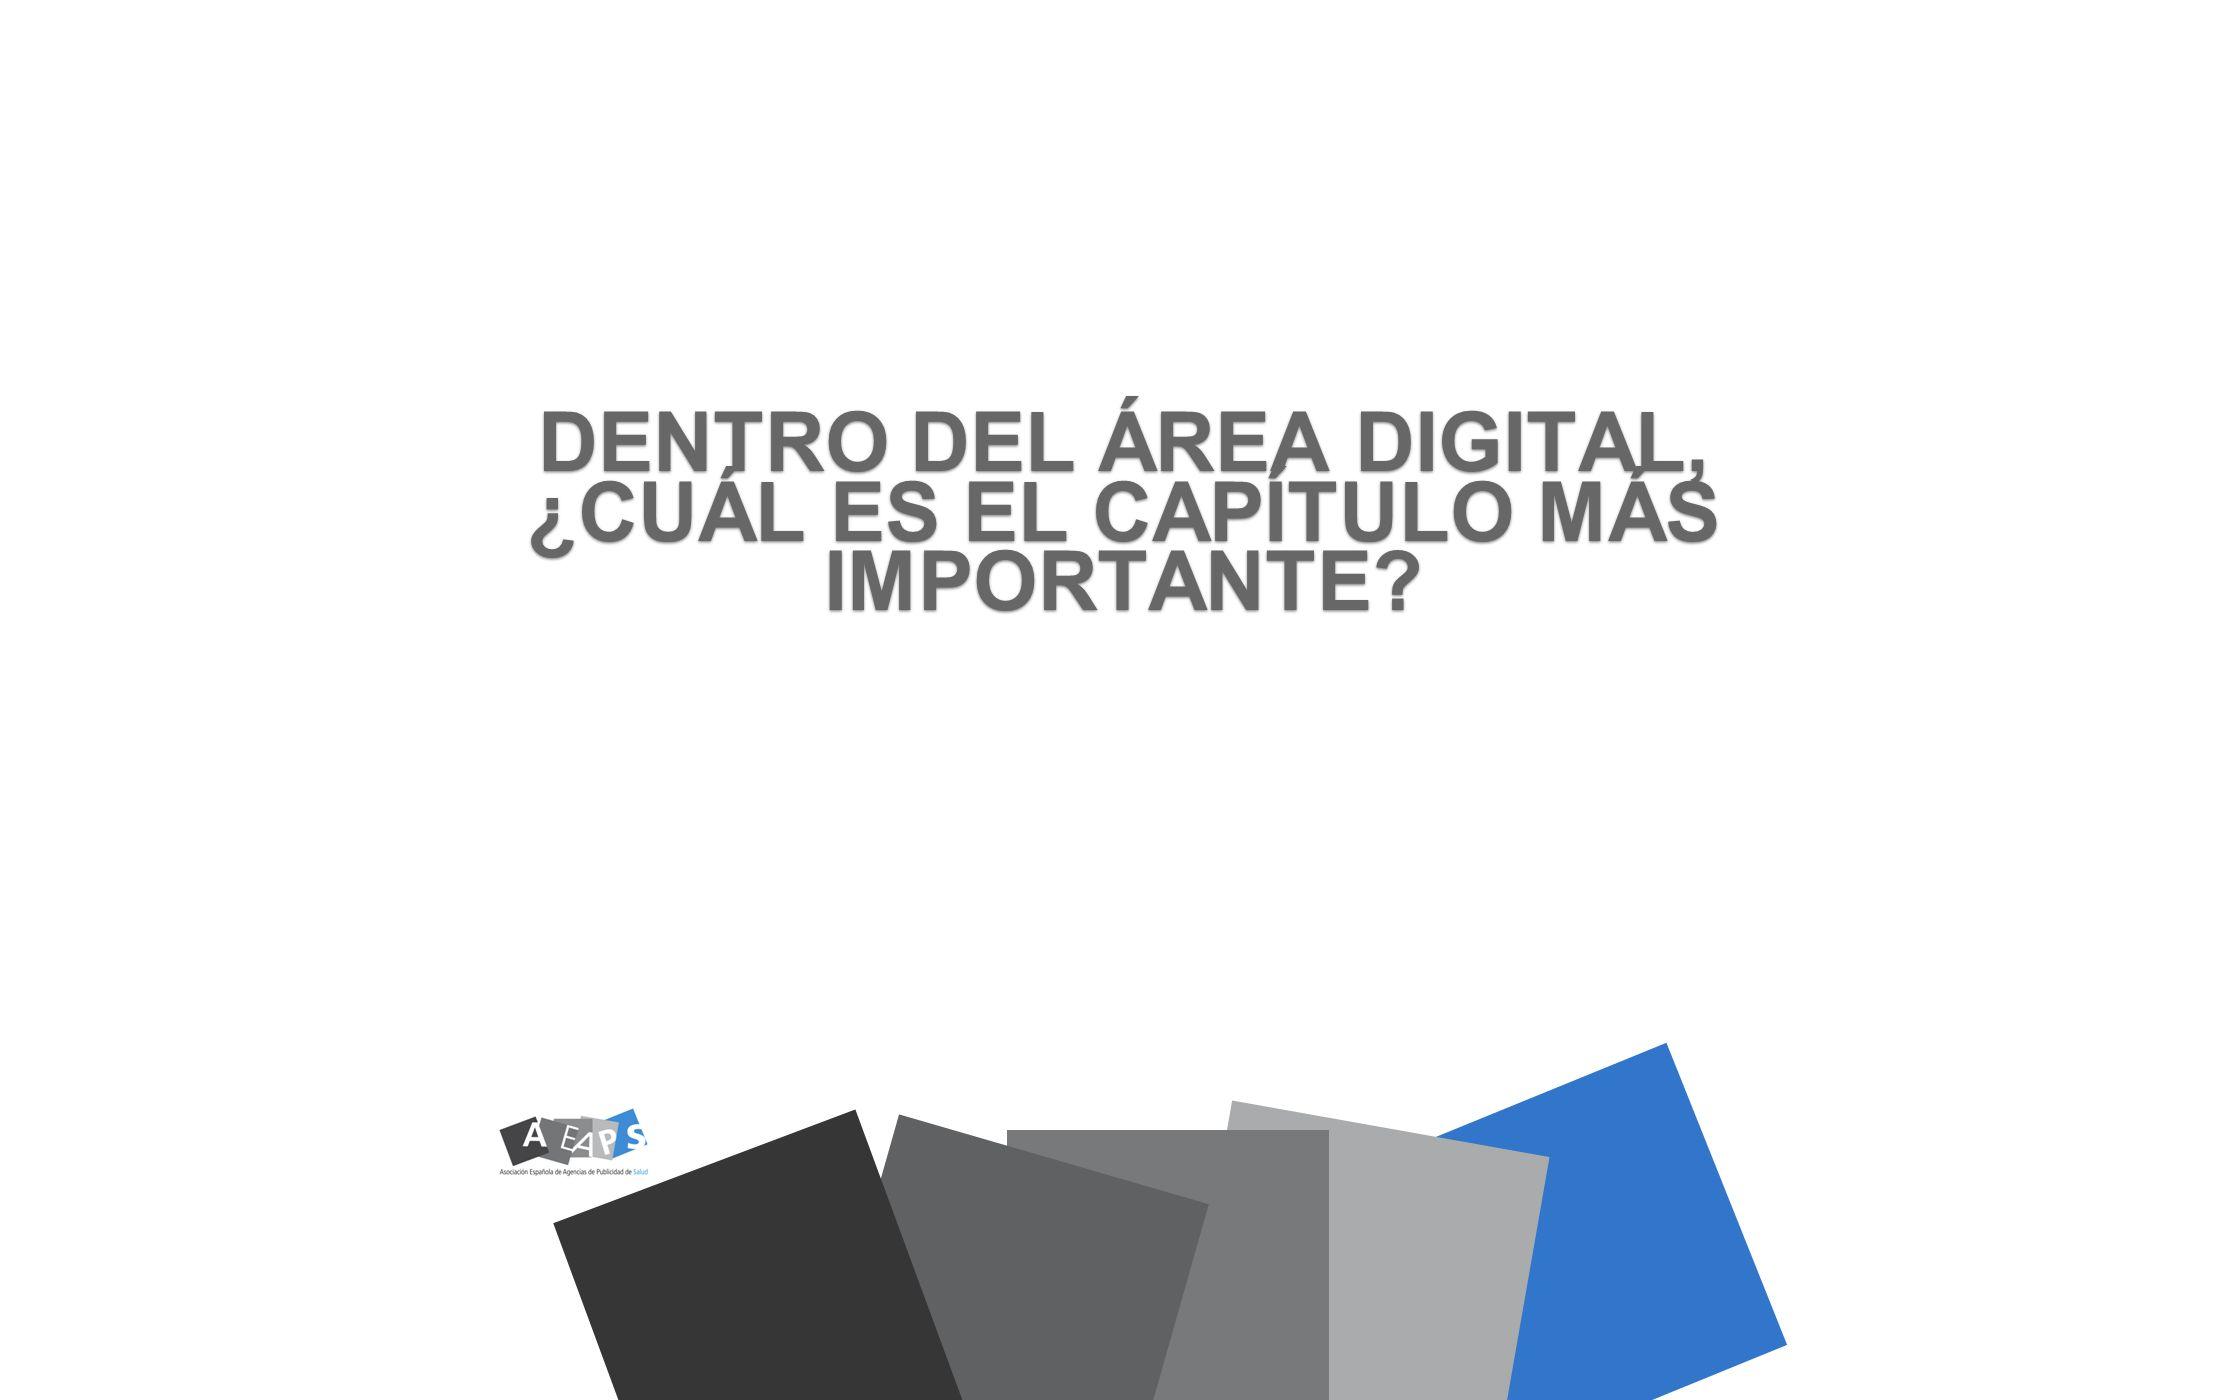 TODO PARECE INDICAR QUE LAS ESTRATEGIAS DE REDES SOCIALES TODAVIA NO HAN ALCANZADO RELEVANCIA EN COMUNICACION FARMACÉUTICA Y DE SALUD (5,3 %) LAS RESTRICCIONES REGULATORIAS SON UN FRENO AL DESARROLLO DE ESTRATEGIAS DE COMUNICACION EN SOCIAL MEDIA